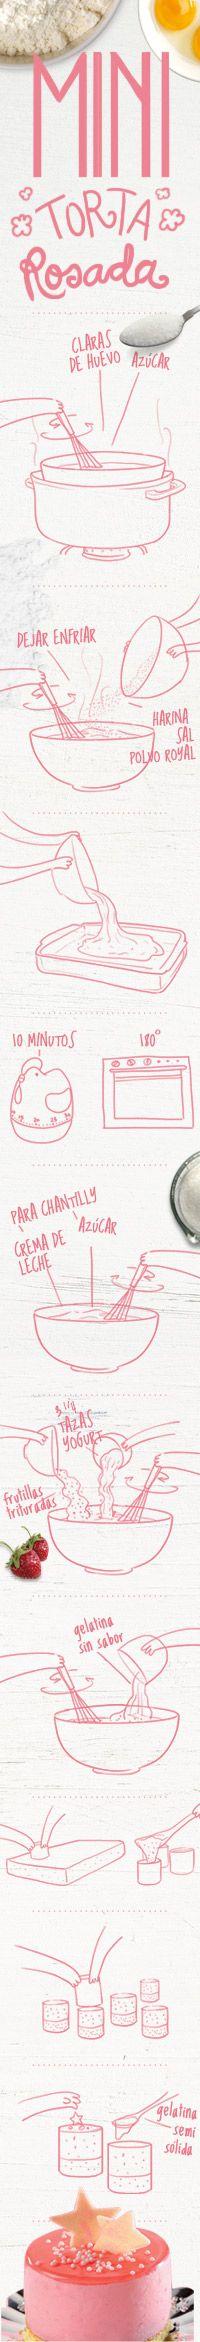 Ingredientes  Para la masa  4 huevos  ½ taza de azúcar  1 taza de harina  1 cdta. de Polvo Royal  Pizca de sal  Para el baño  2 ½ tazas de crema de leche  ½ taza de azúcar  5 frutillas grandes  3 ¾ tazas de yogurt con  pulpa de frutilla  14 g de gelatina Royal sin  sabor  Para decorar  1 gelatina Royal de  Frutilla  Chocolate cobertura  Blanco